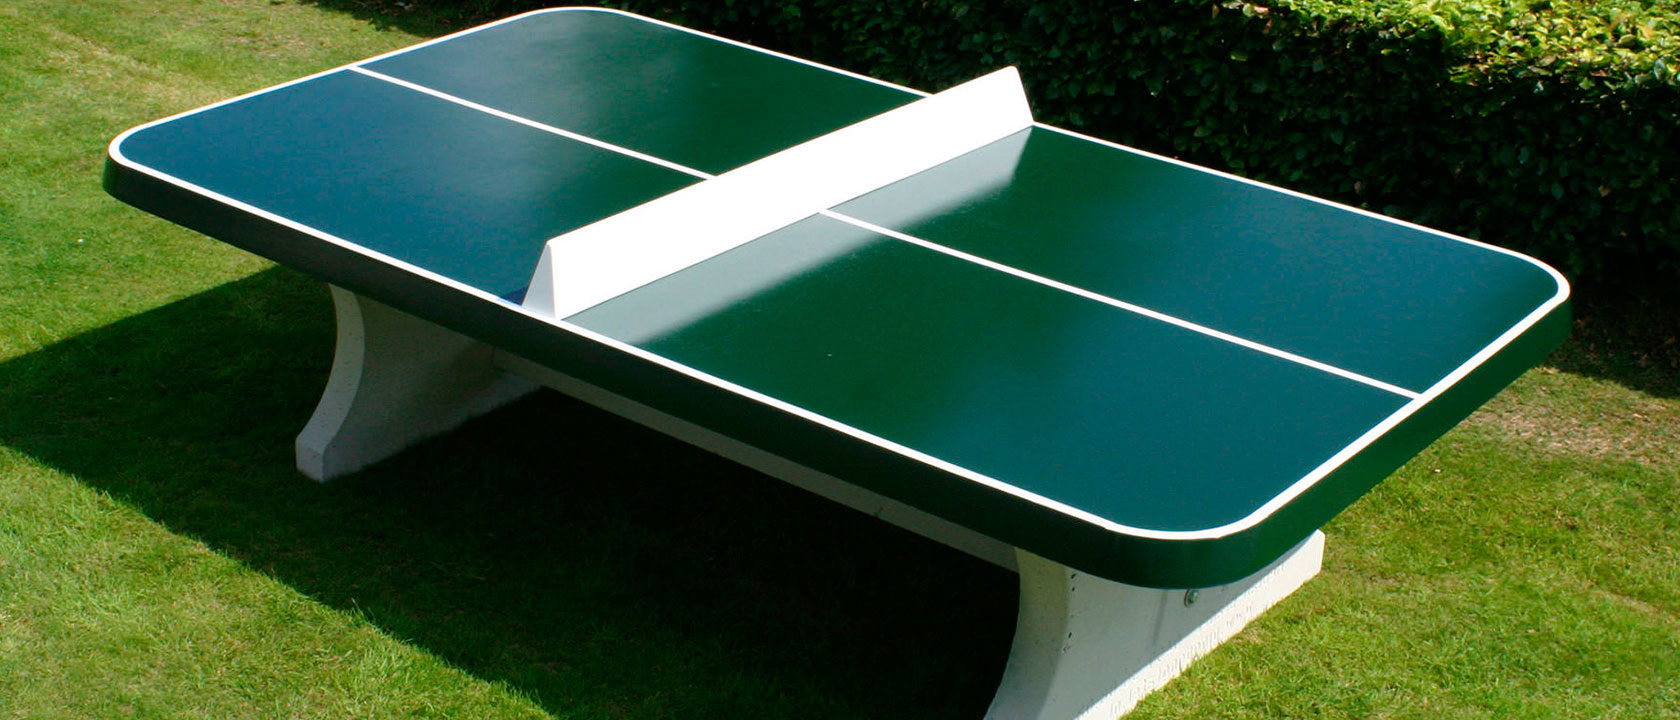 Qu pintura elegir para una mesa de ping pong mesas de ping pong de hormig n - Mesas de pinpon ...